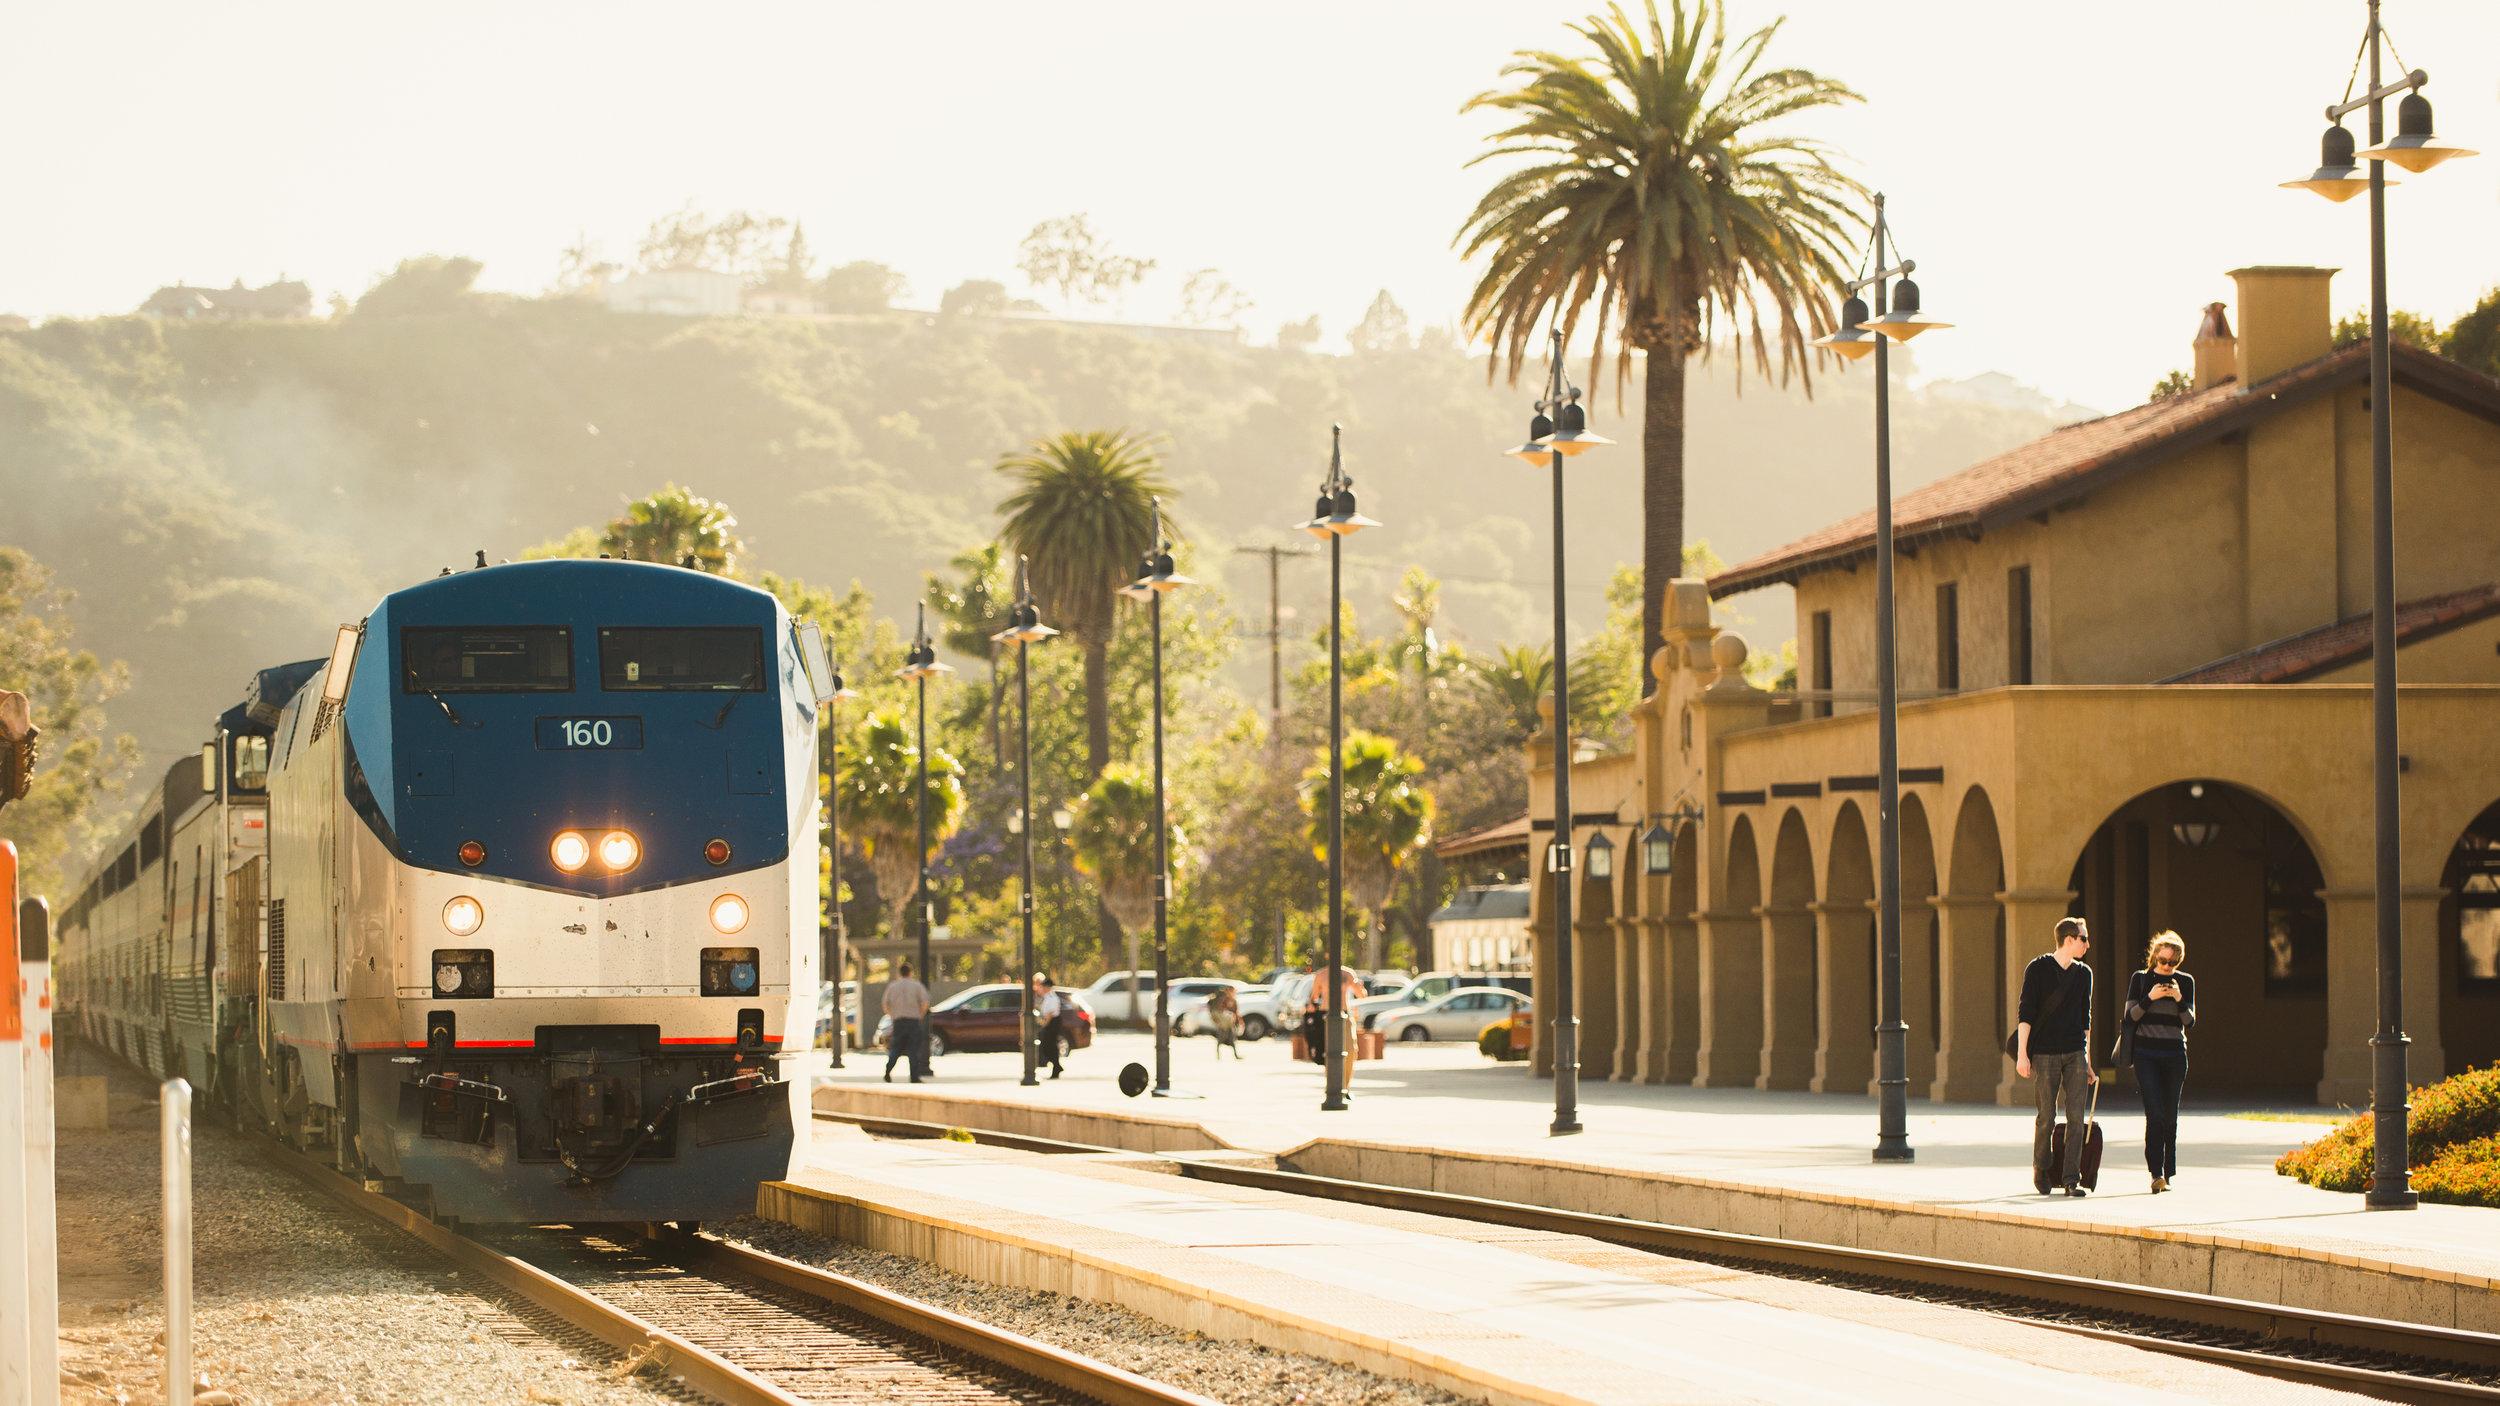 Santa Barbara Hotel Hospitality Photography